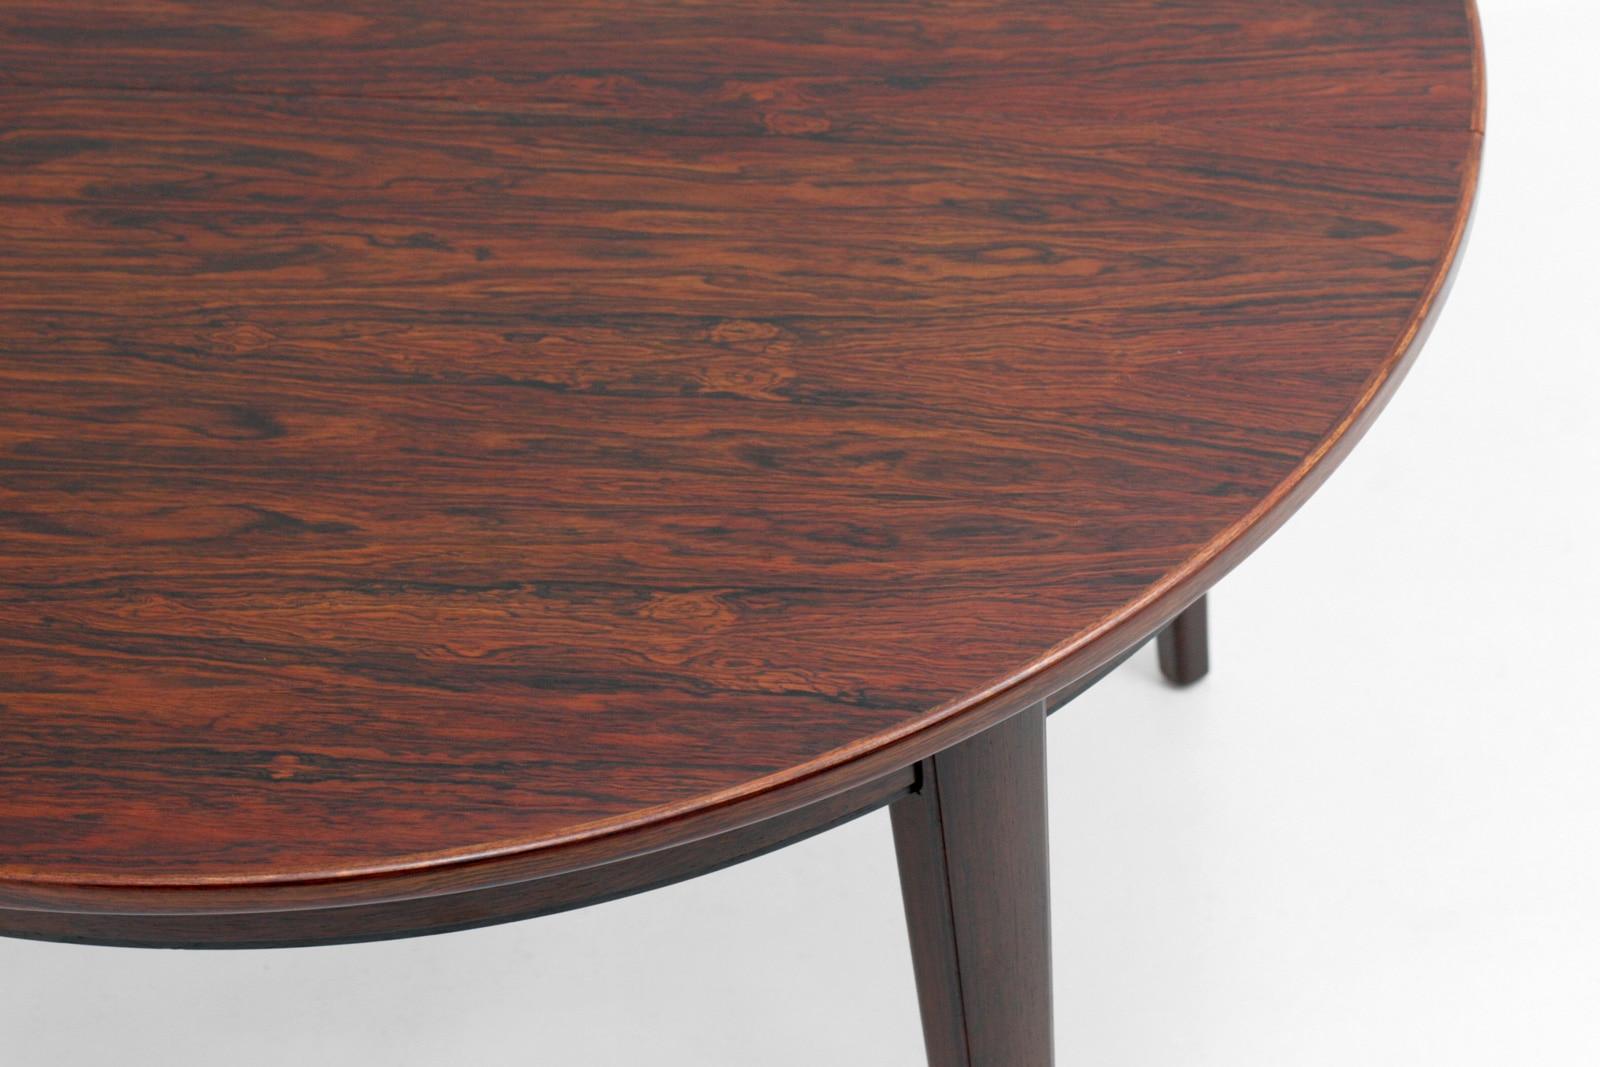 オーマンジュン,ダイニングテーブル,丸型,ローズウッド,model55,ヴィンテージ,北欧,家具